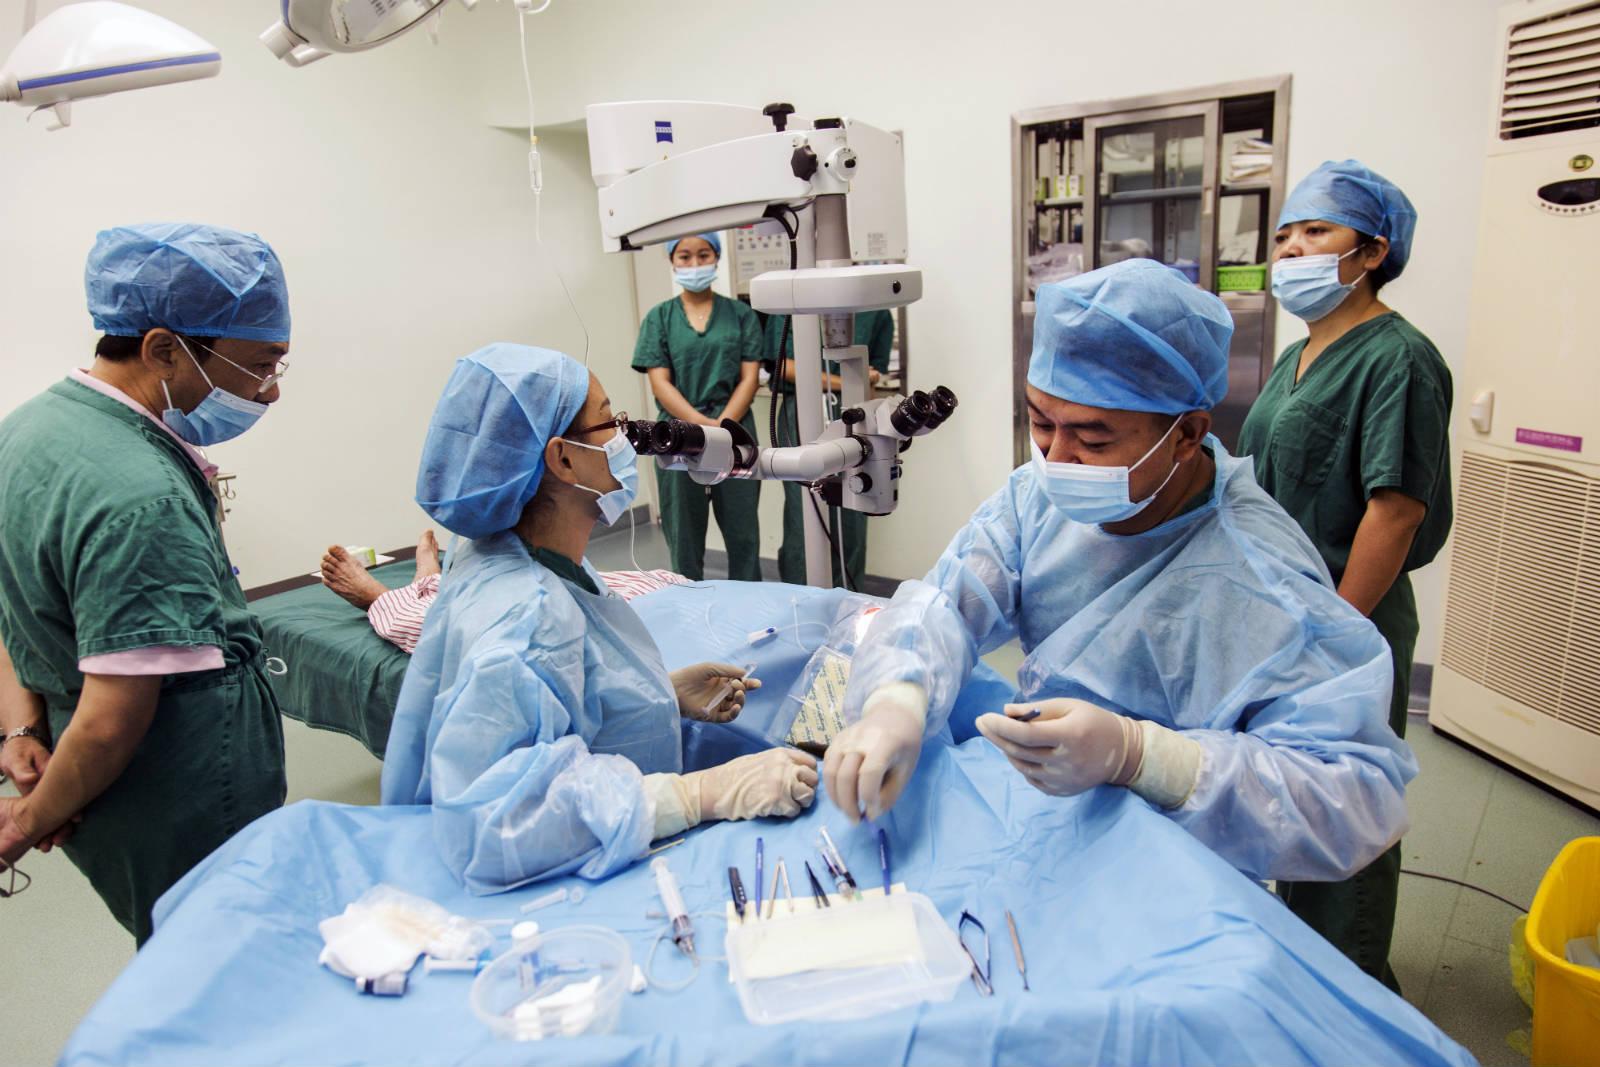 由資深醫生帶著後輩學習手術技巧,能快速提升醫生的手術水平。